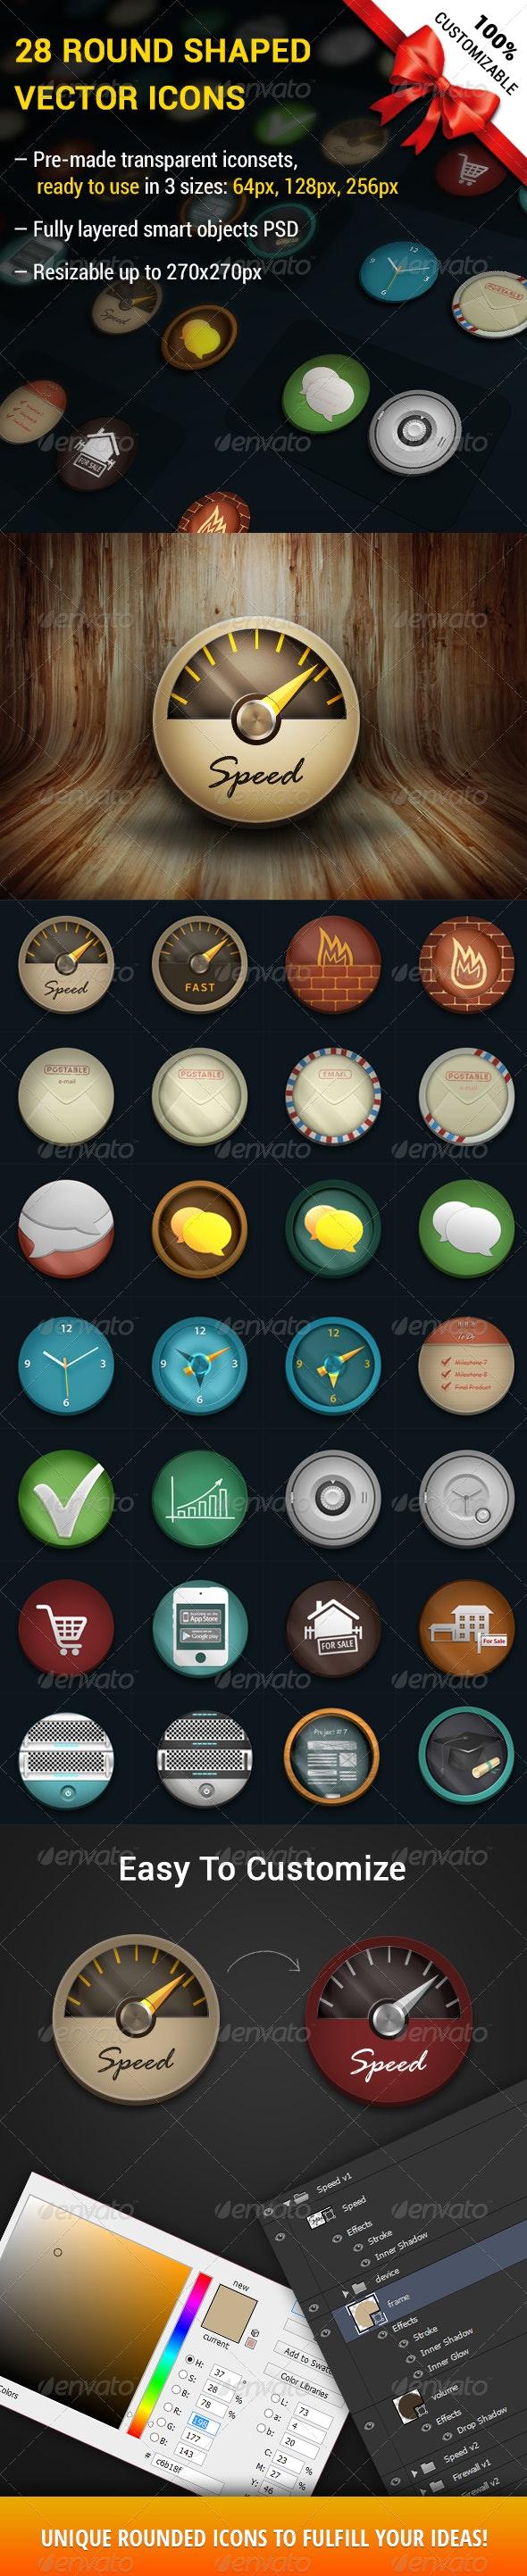 28 Round Shaped Customizable Icons - Web Icons